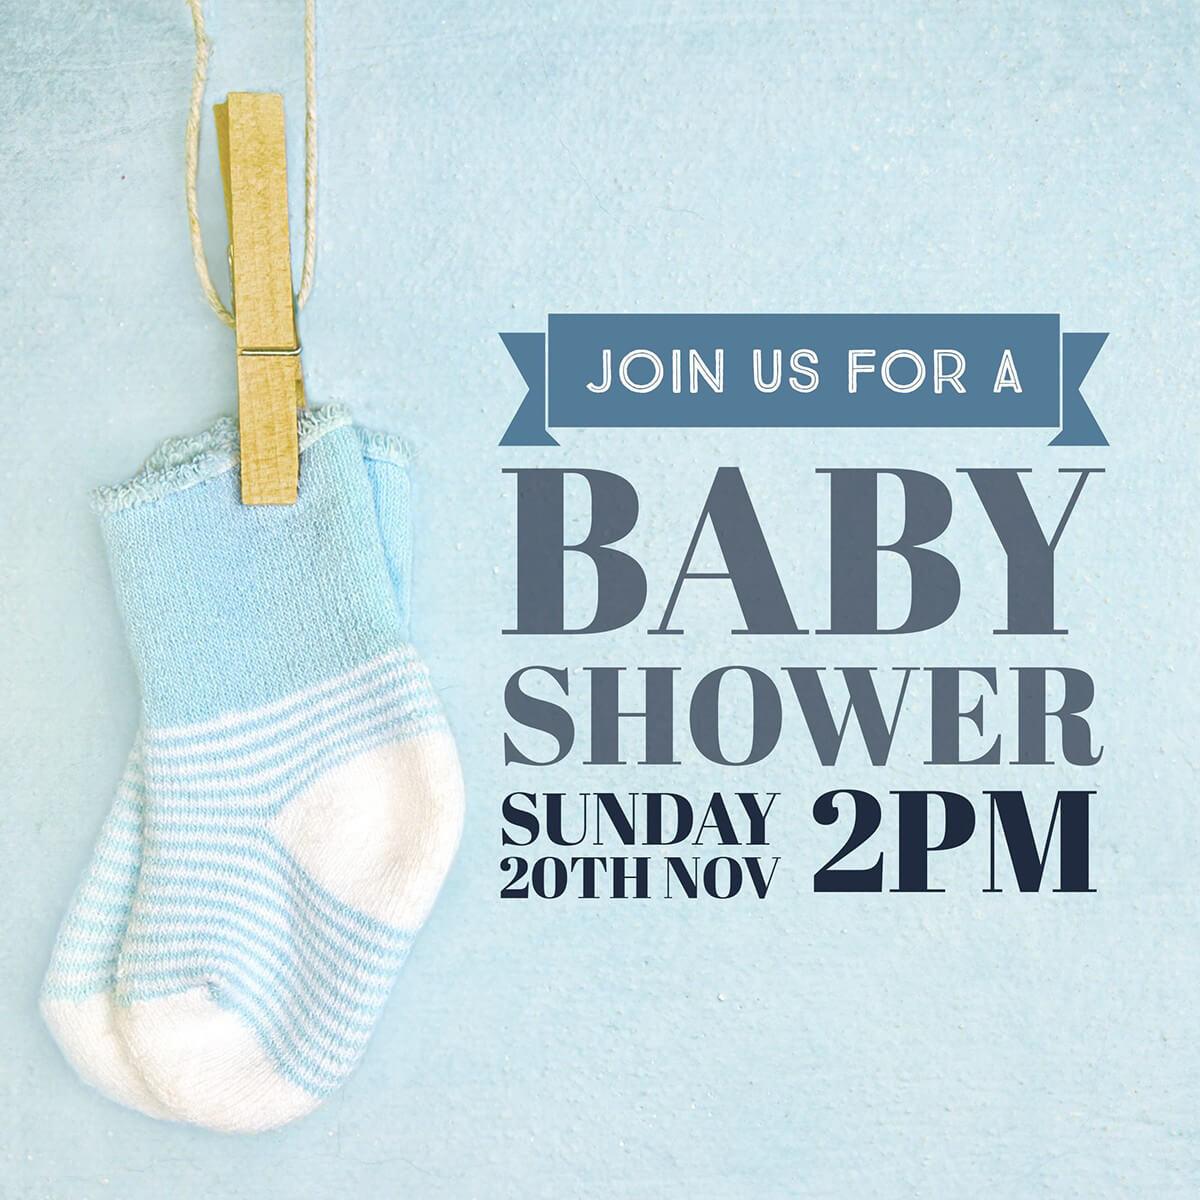 Marvellous Custom Baby Shower Invite Baby Boy Shower Invitation Make Your Own Baby Shower Invitations Free Adobe Spark Baby Shower Boy Cakes Byshowerstuffboybabyshowermesml baby shower Baby Shower Boy